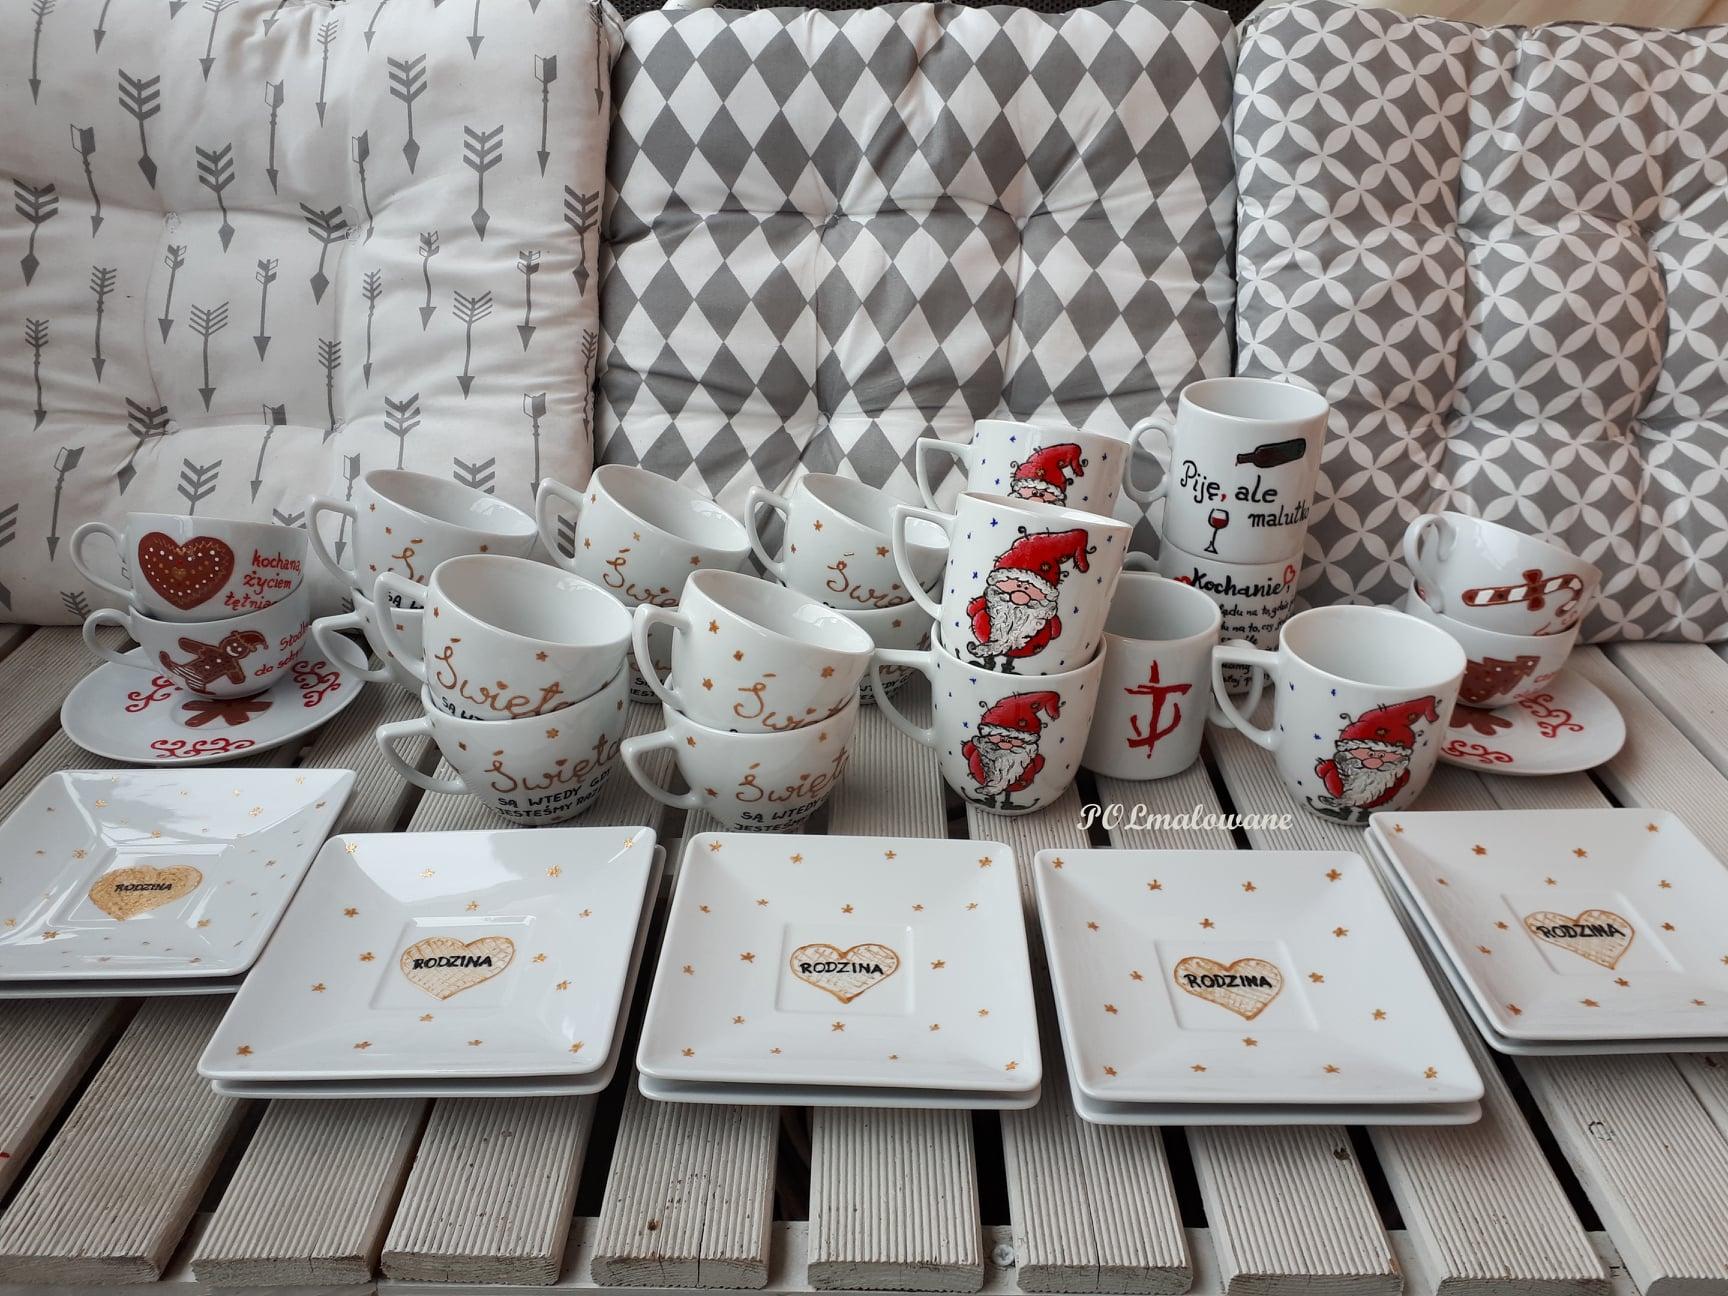 Polski prezent dla obcokrajowca: porcelana malowana